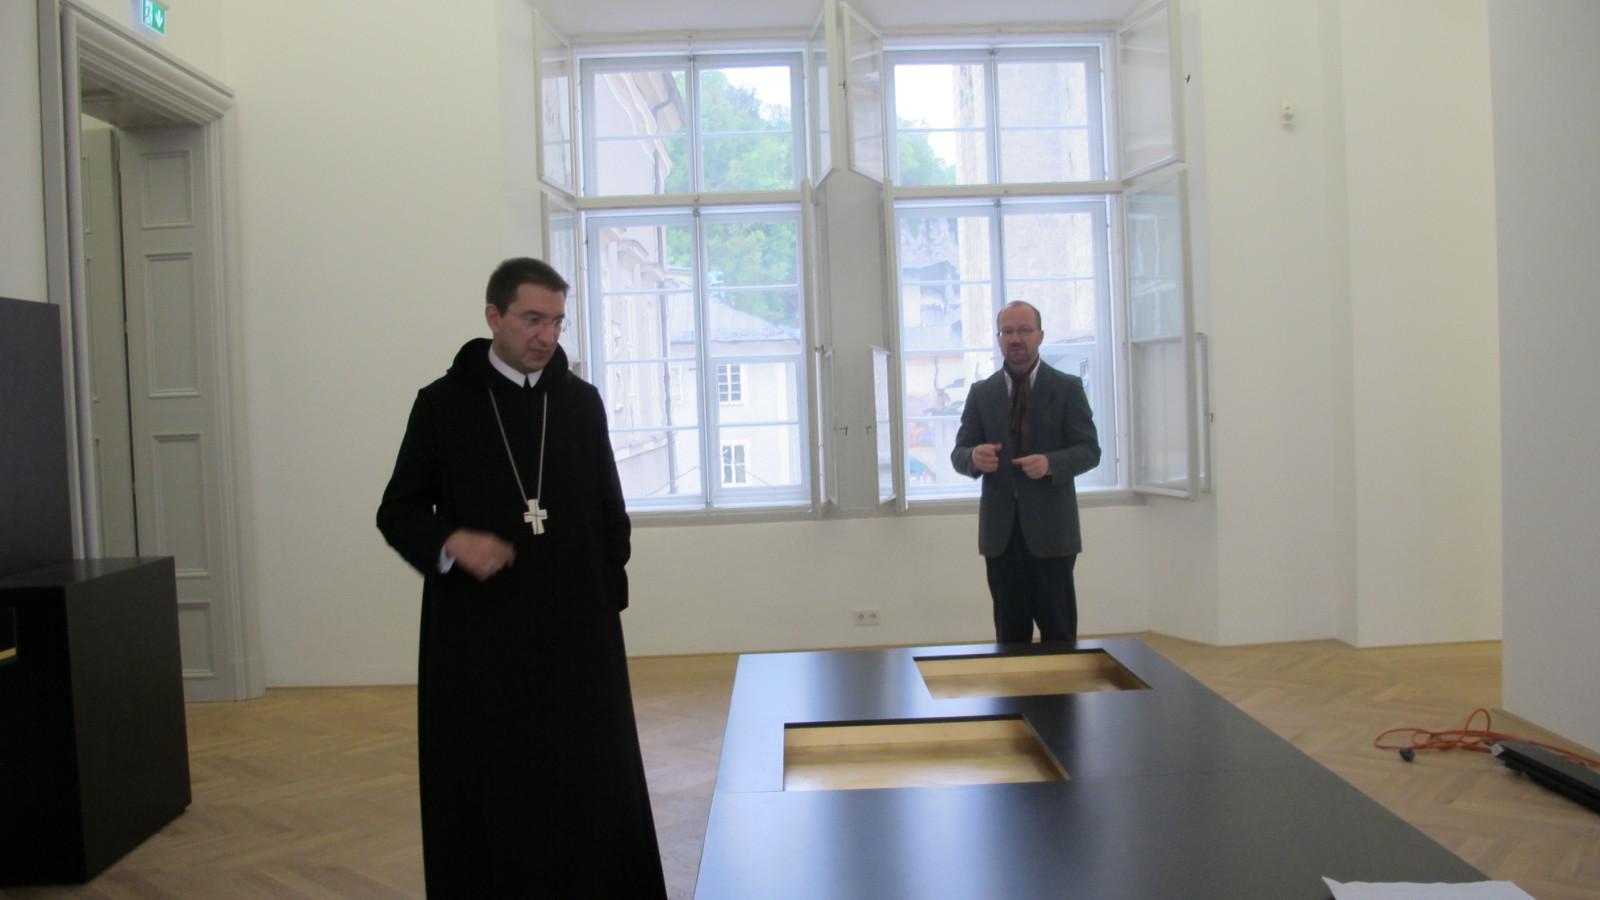 Erzabt Korbinian mit dem Kustos der Kunstsammlung von St. Peter, Mag. Wolfgang Wanko.